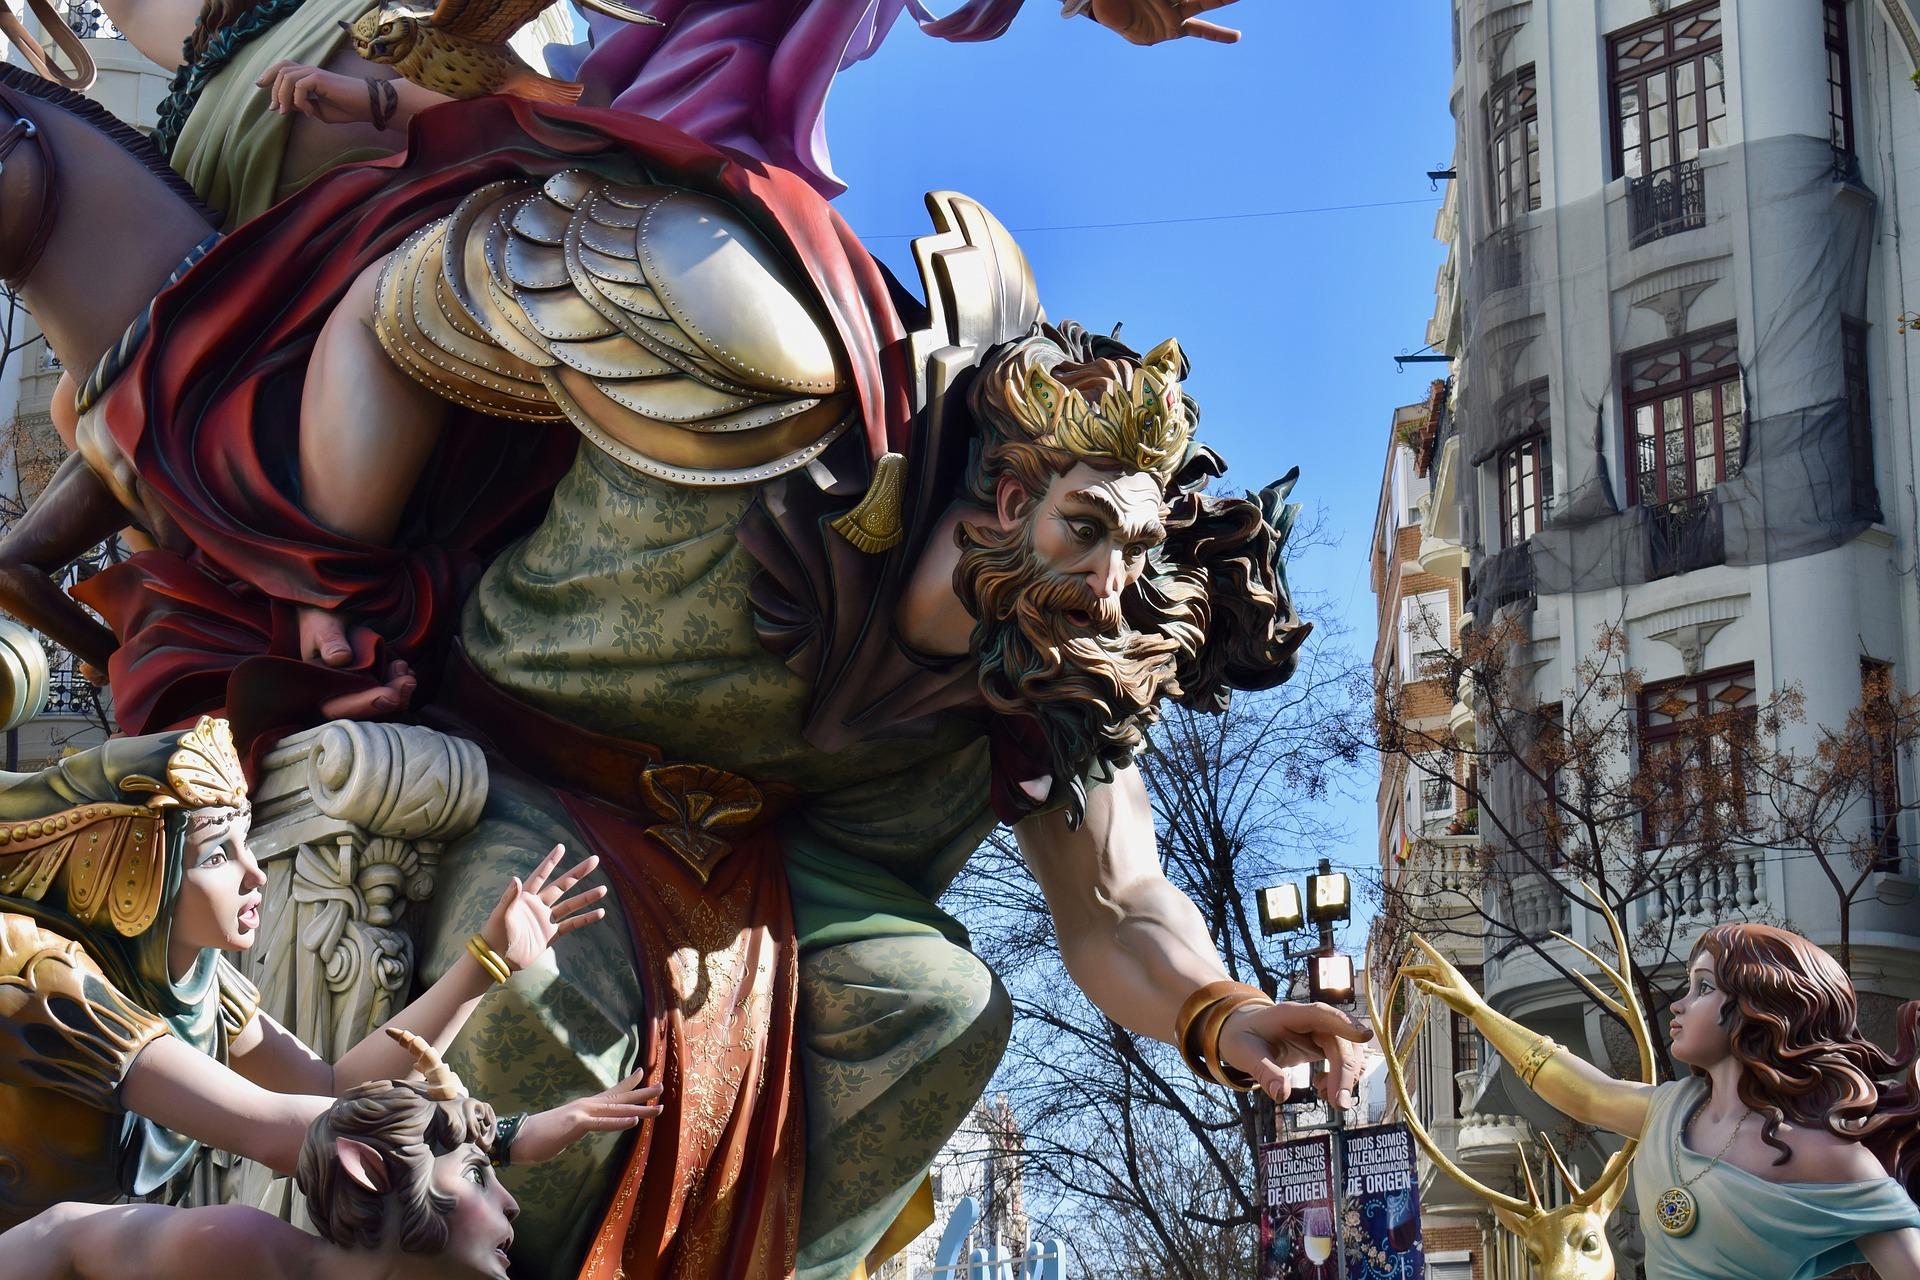 A festa valenciana das Fallas: tradição, sátira e arte